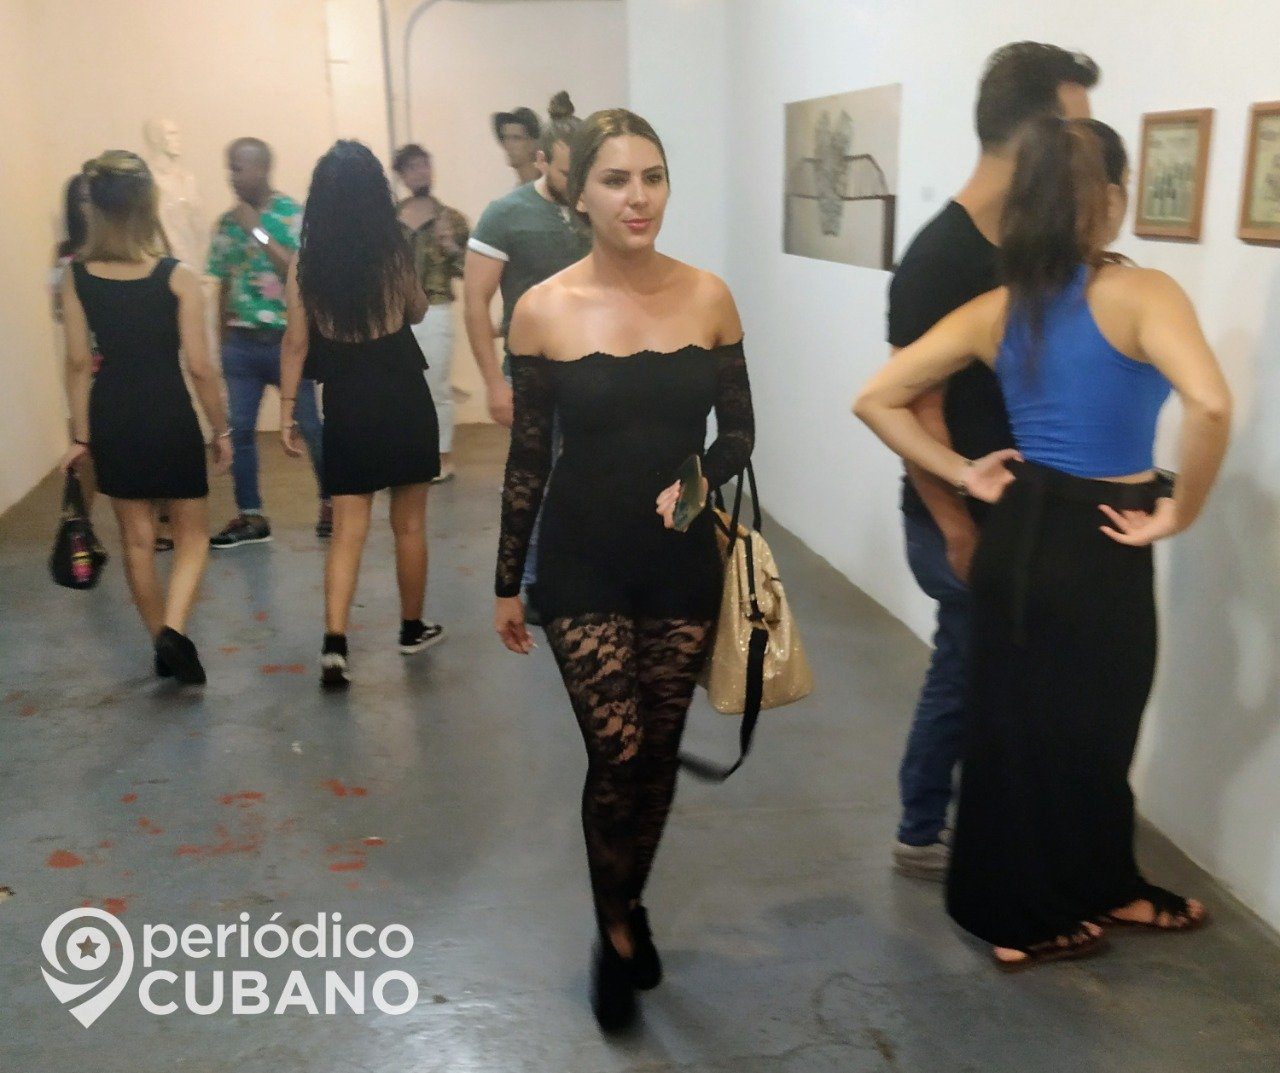 Gobierno cubano descarta incluir la Ley de Violencia de Género en las discusiones de la Asamblea Nacional